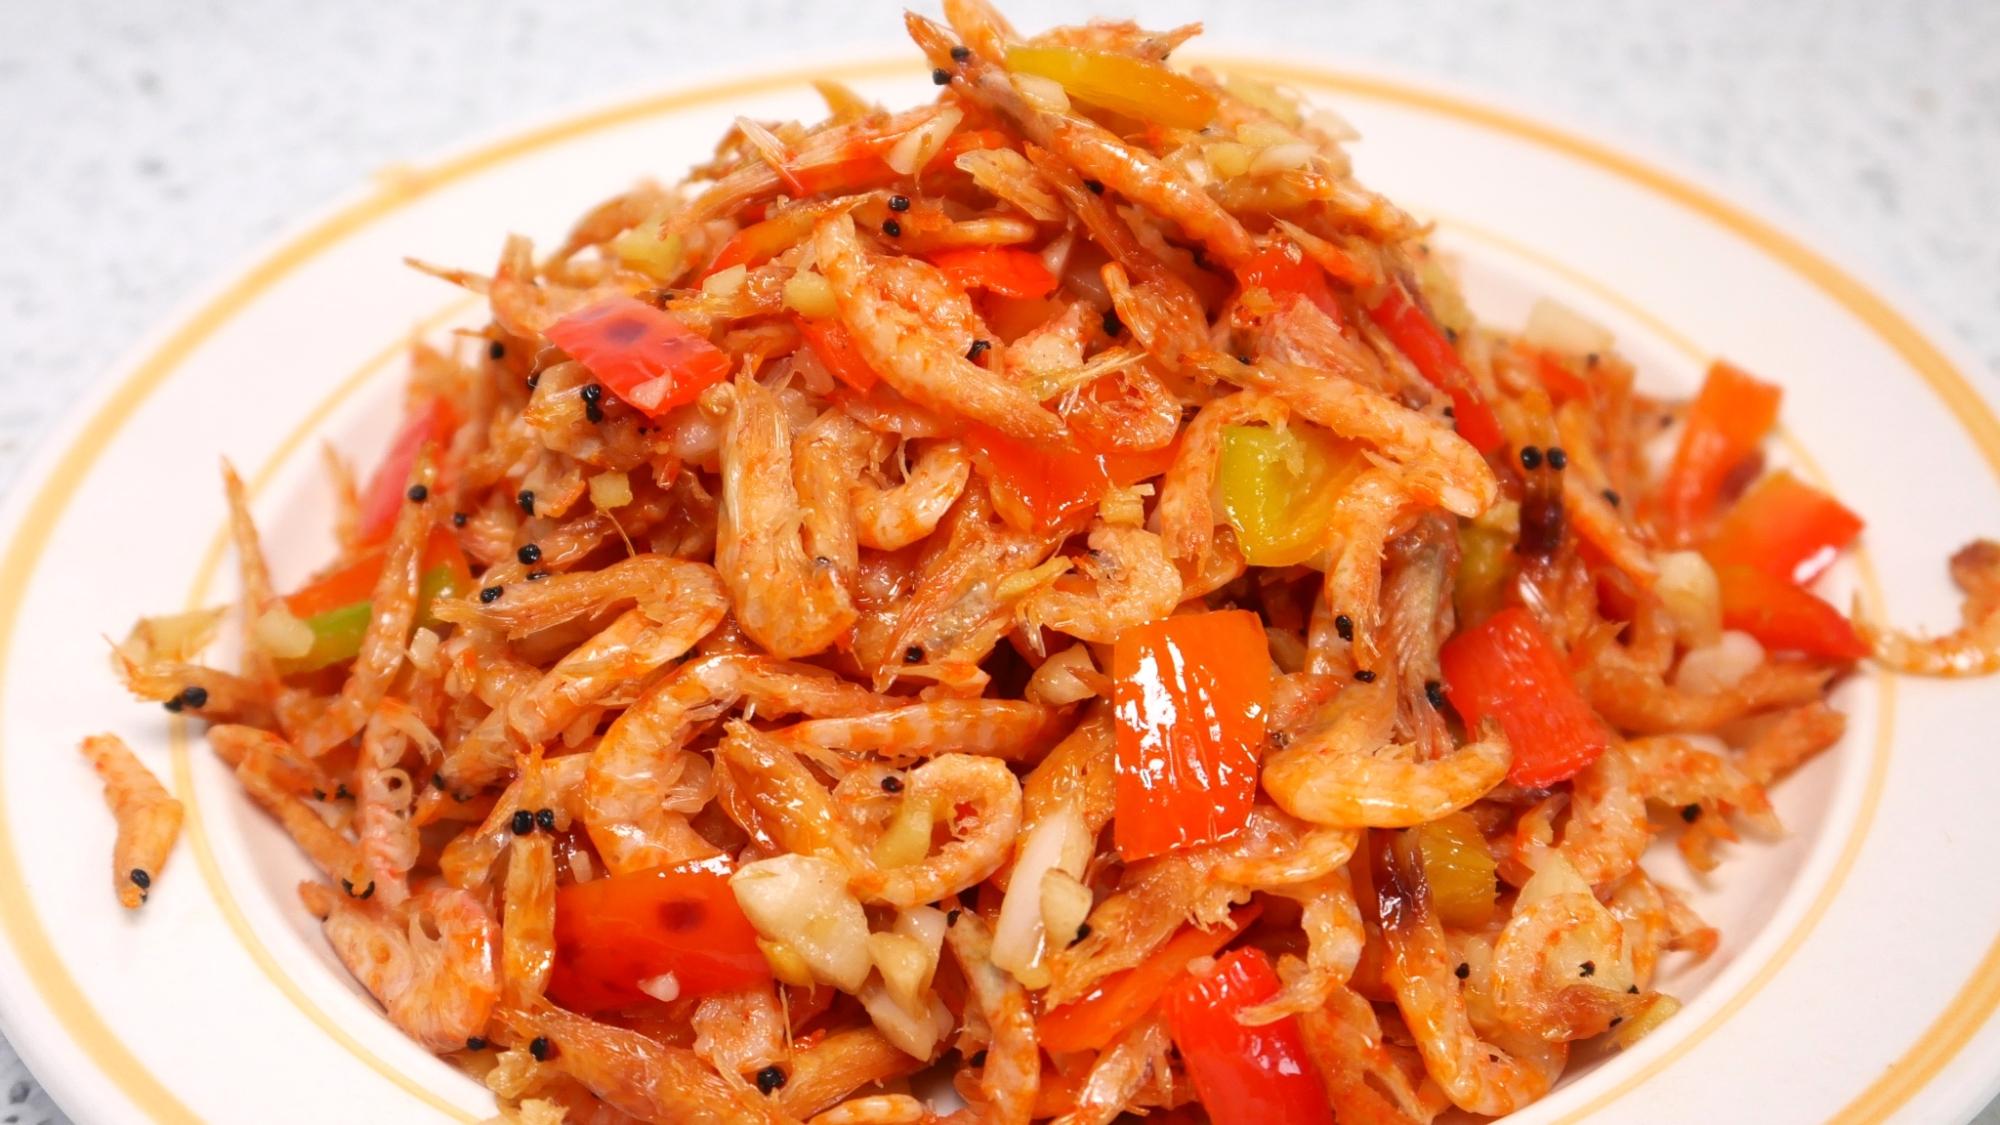 虾皮原来还可以这样吃,实在是太香了,一次我能多吃三碗饭